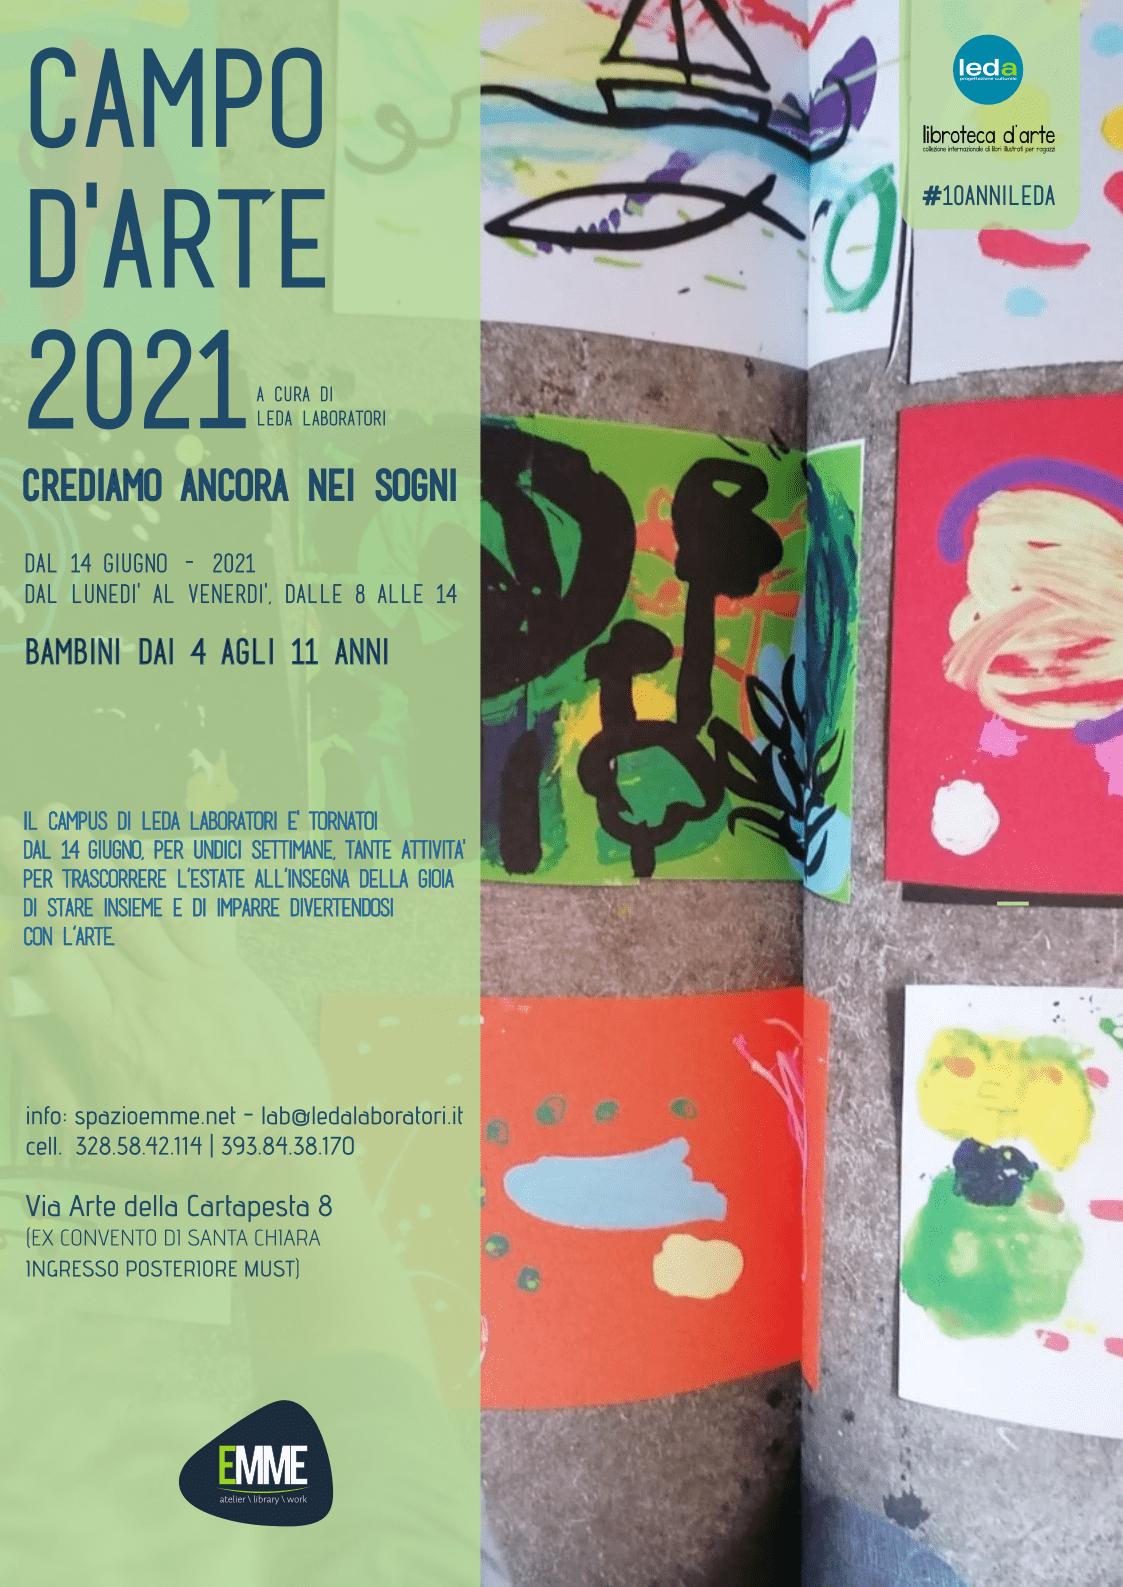 Campo d'arte 2021